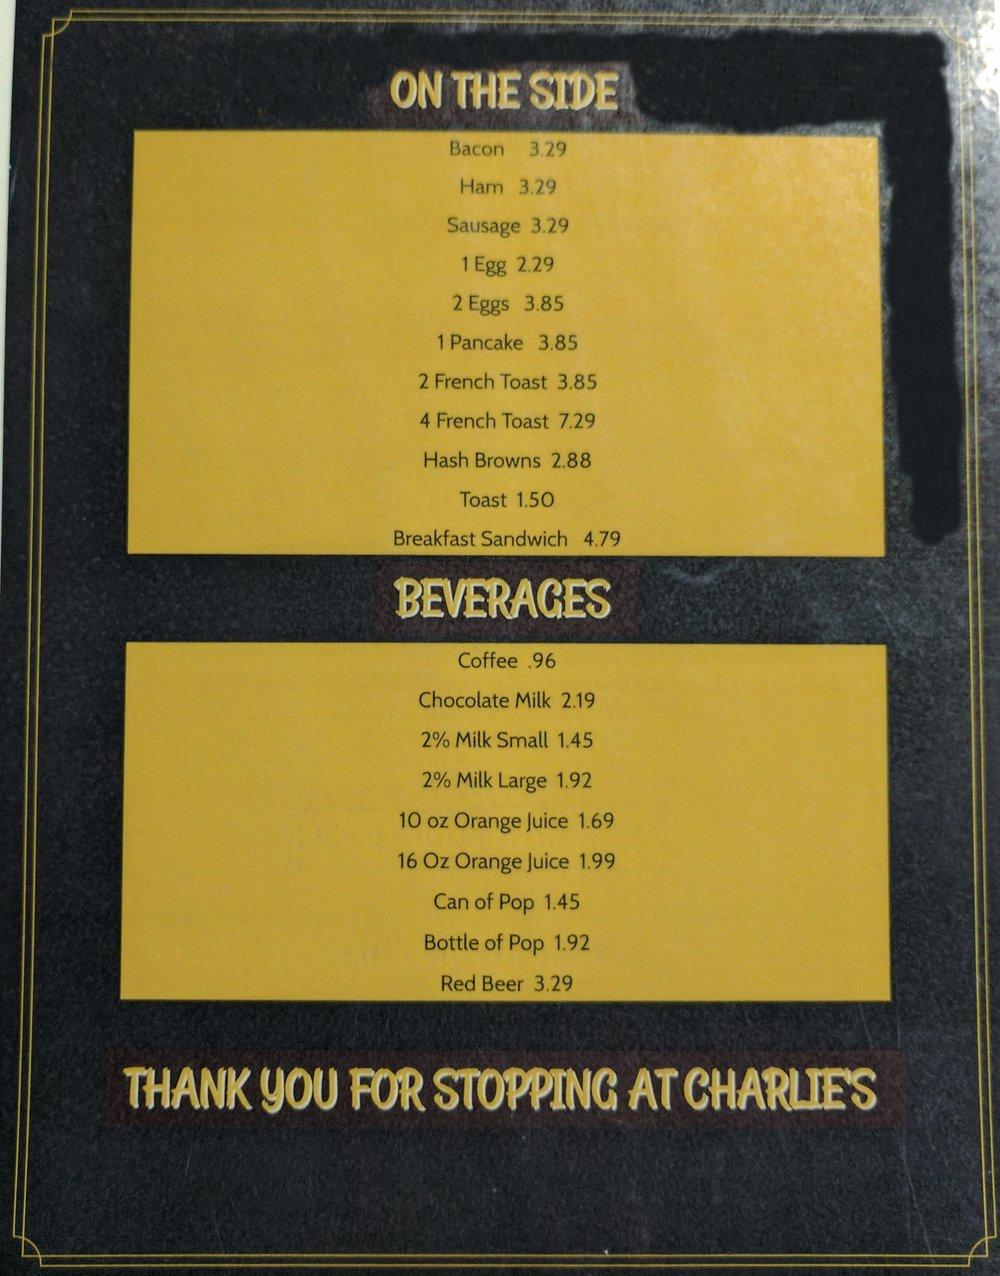 charlies menu 2.jpg